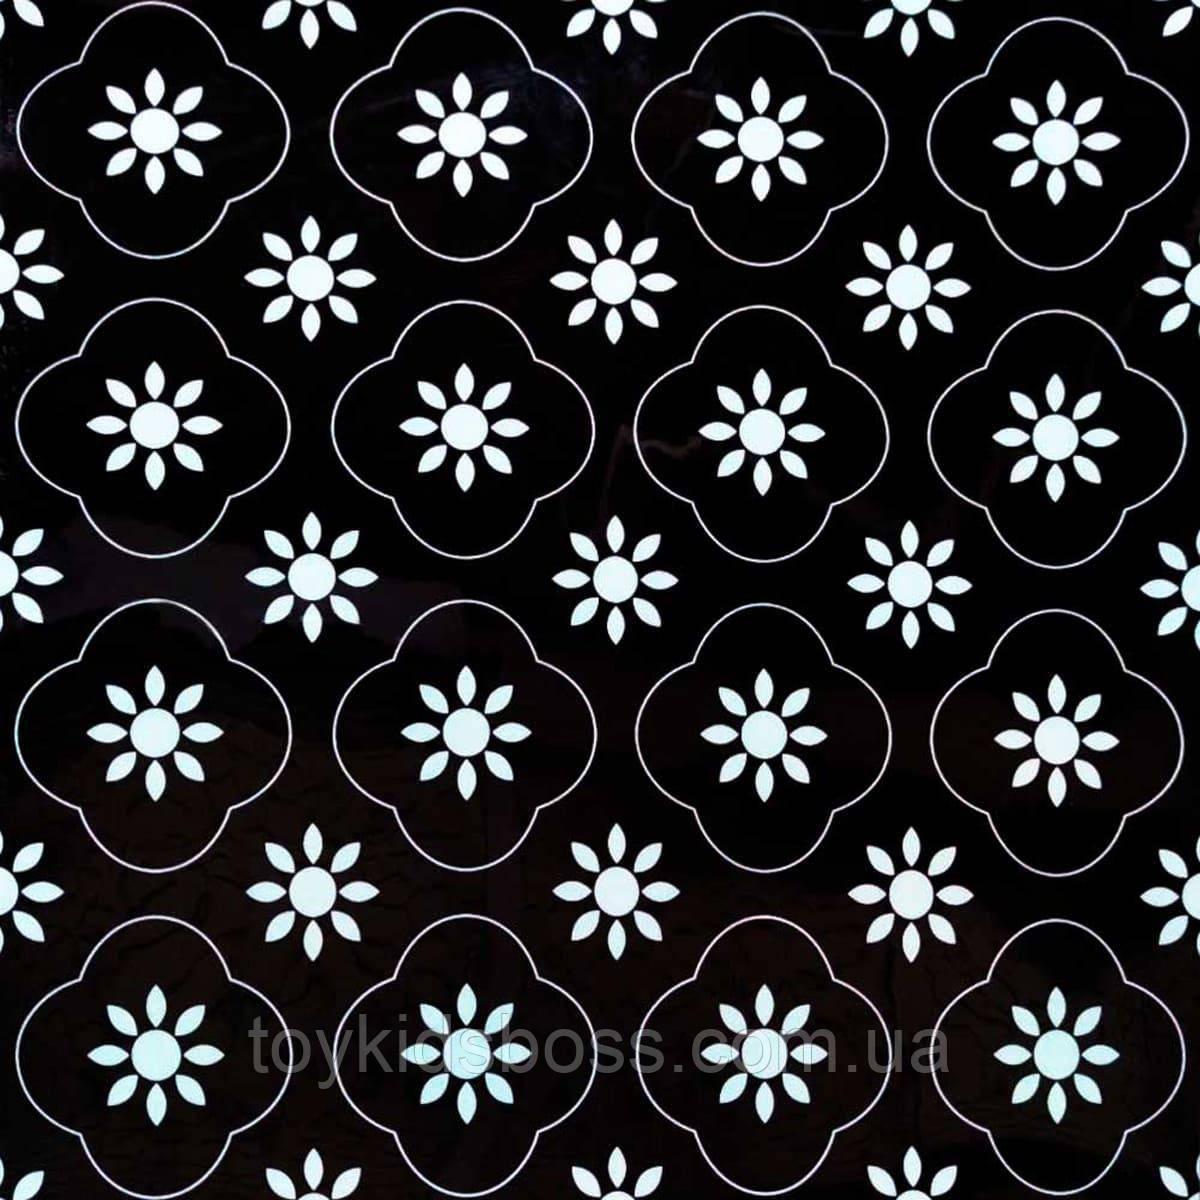 Самоклеюча вінілова плитка 600х600х1,5мм, ціна за 1 шт. (СВП-217) Глянець